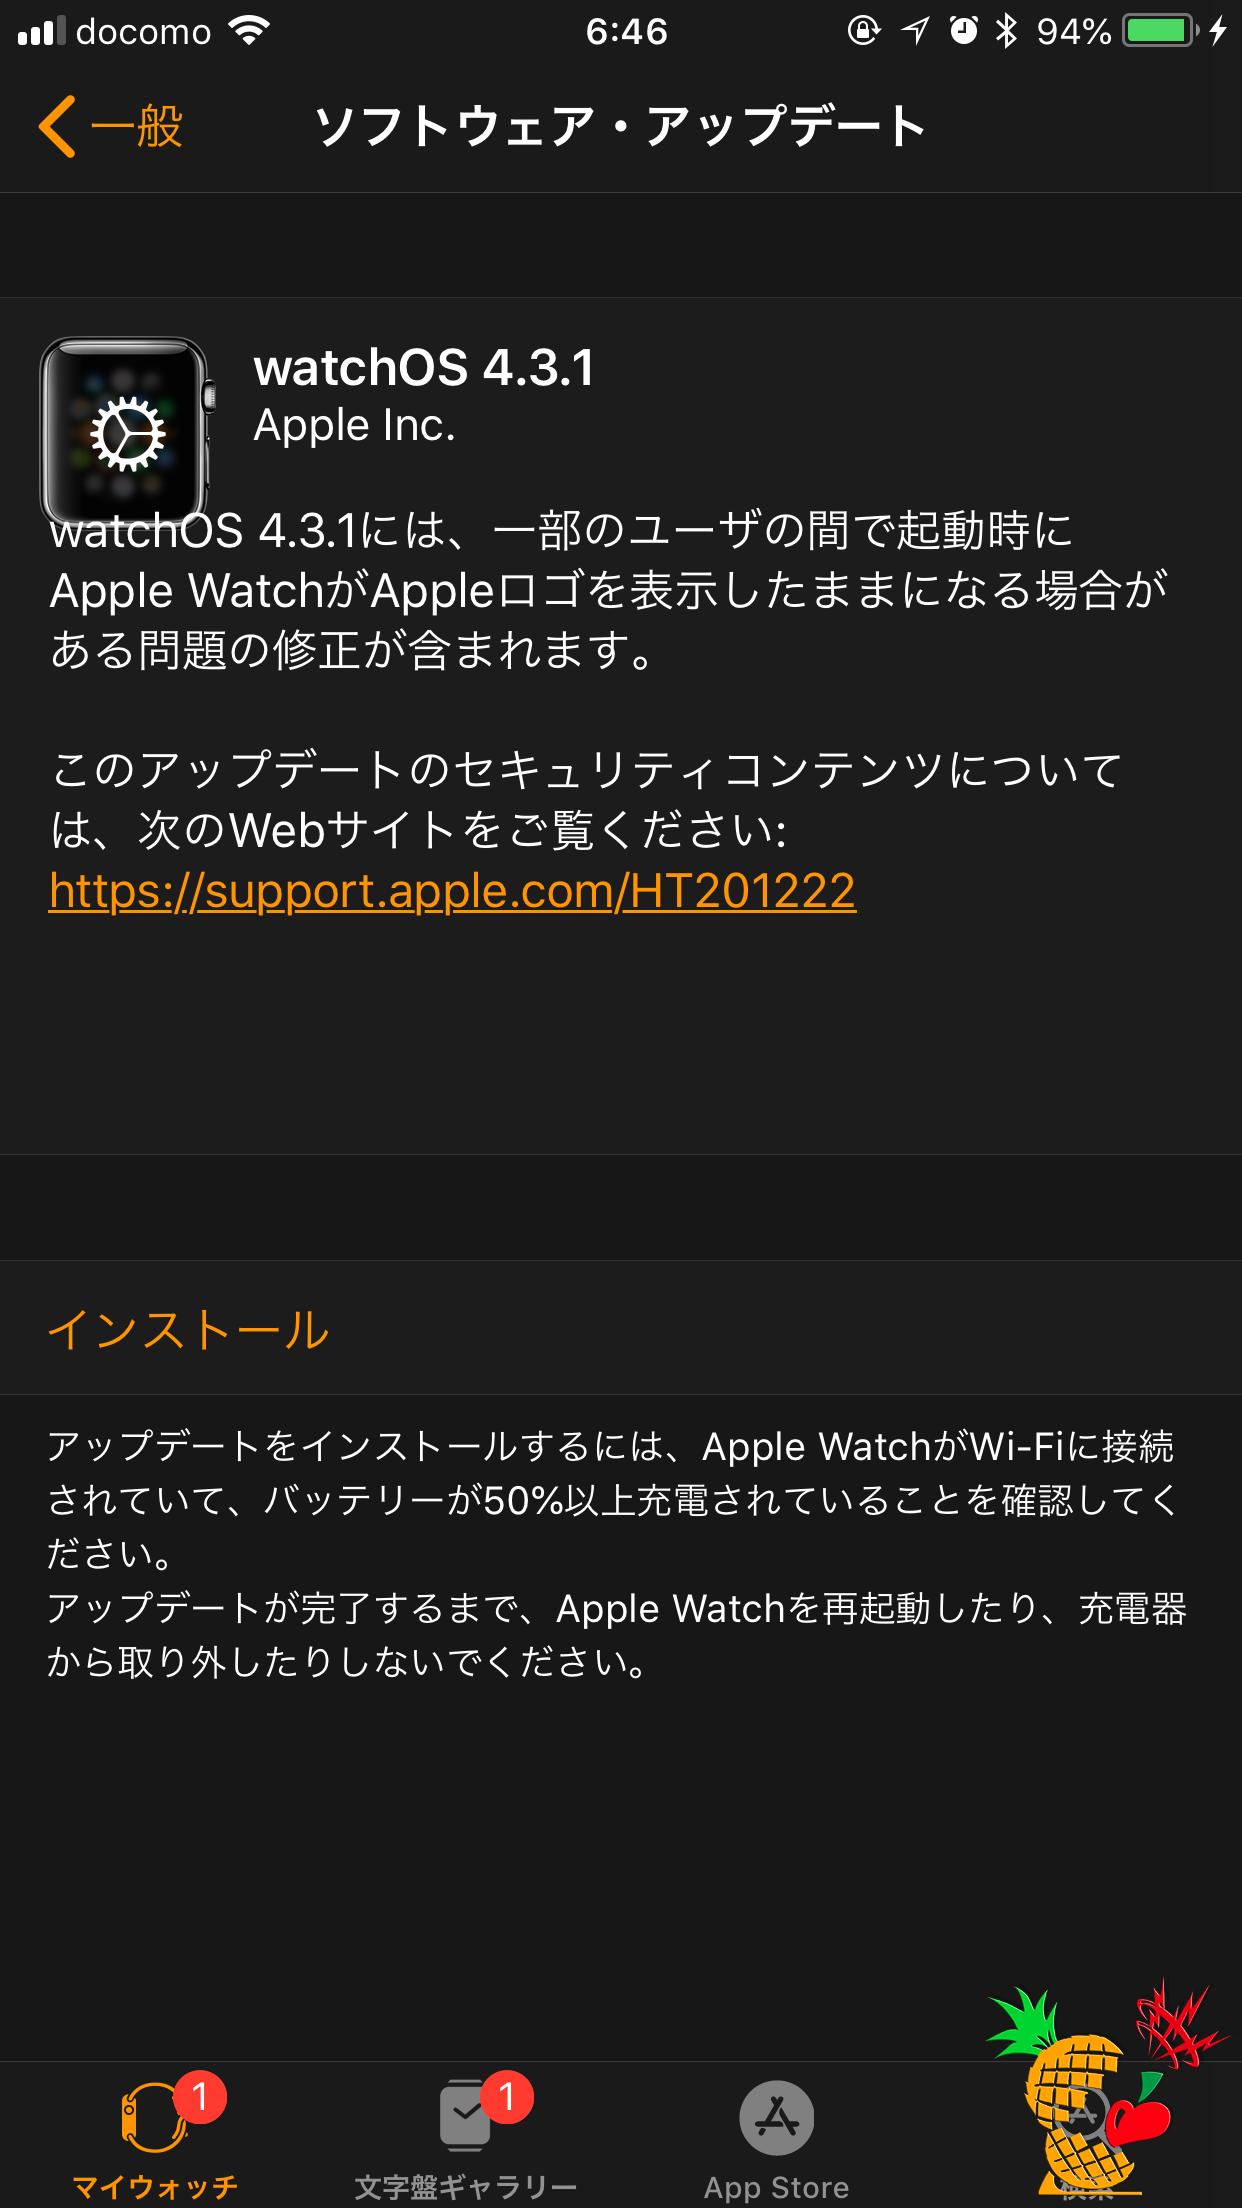 watchOS 4.3.1